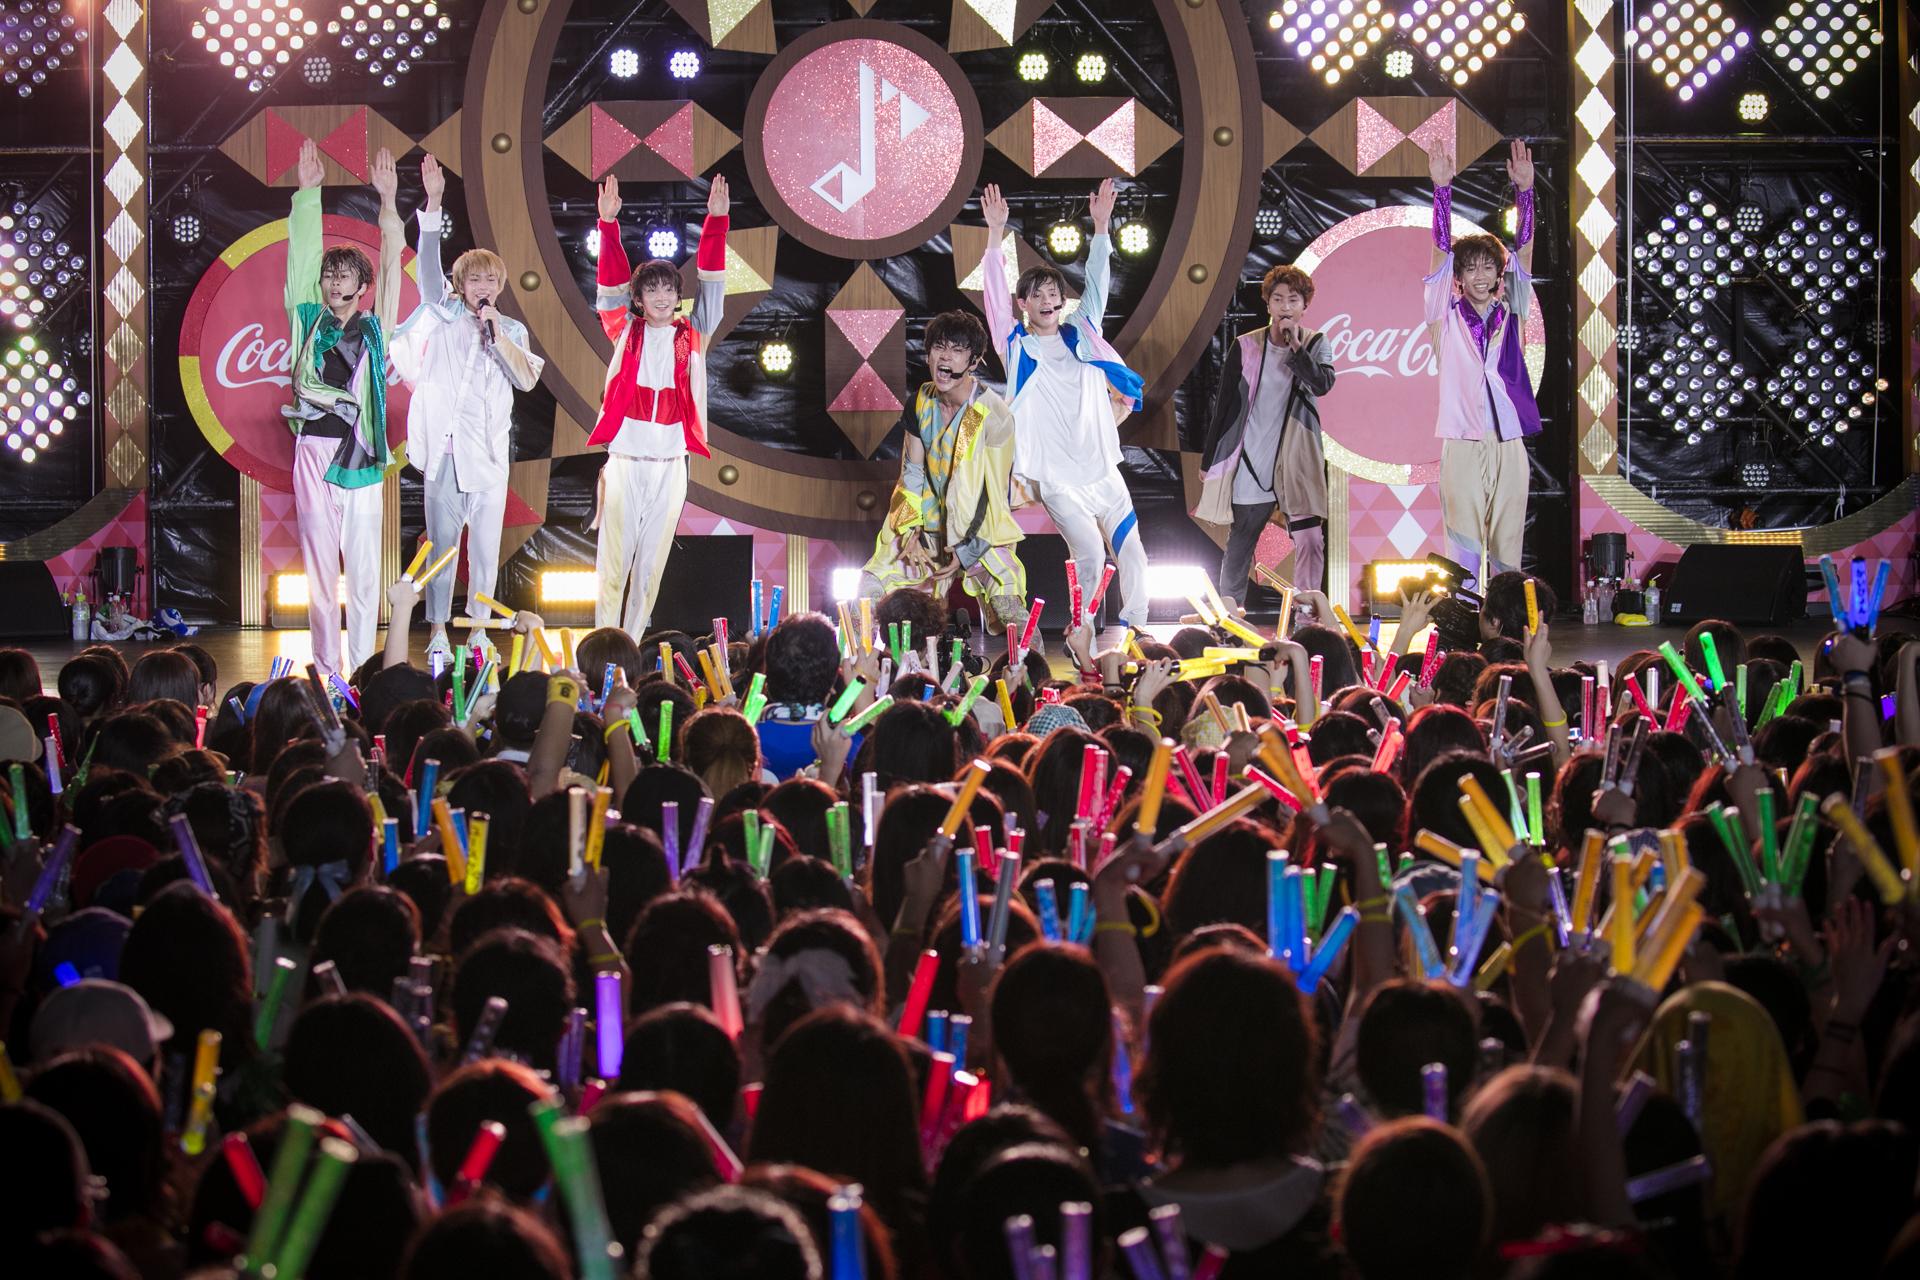 7月21日(金)@東京・SUMMER STATION LIVEアリーナ(六本木ヒルズアリーナ)